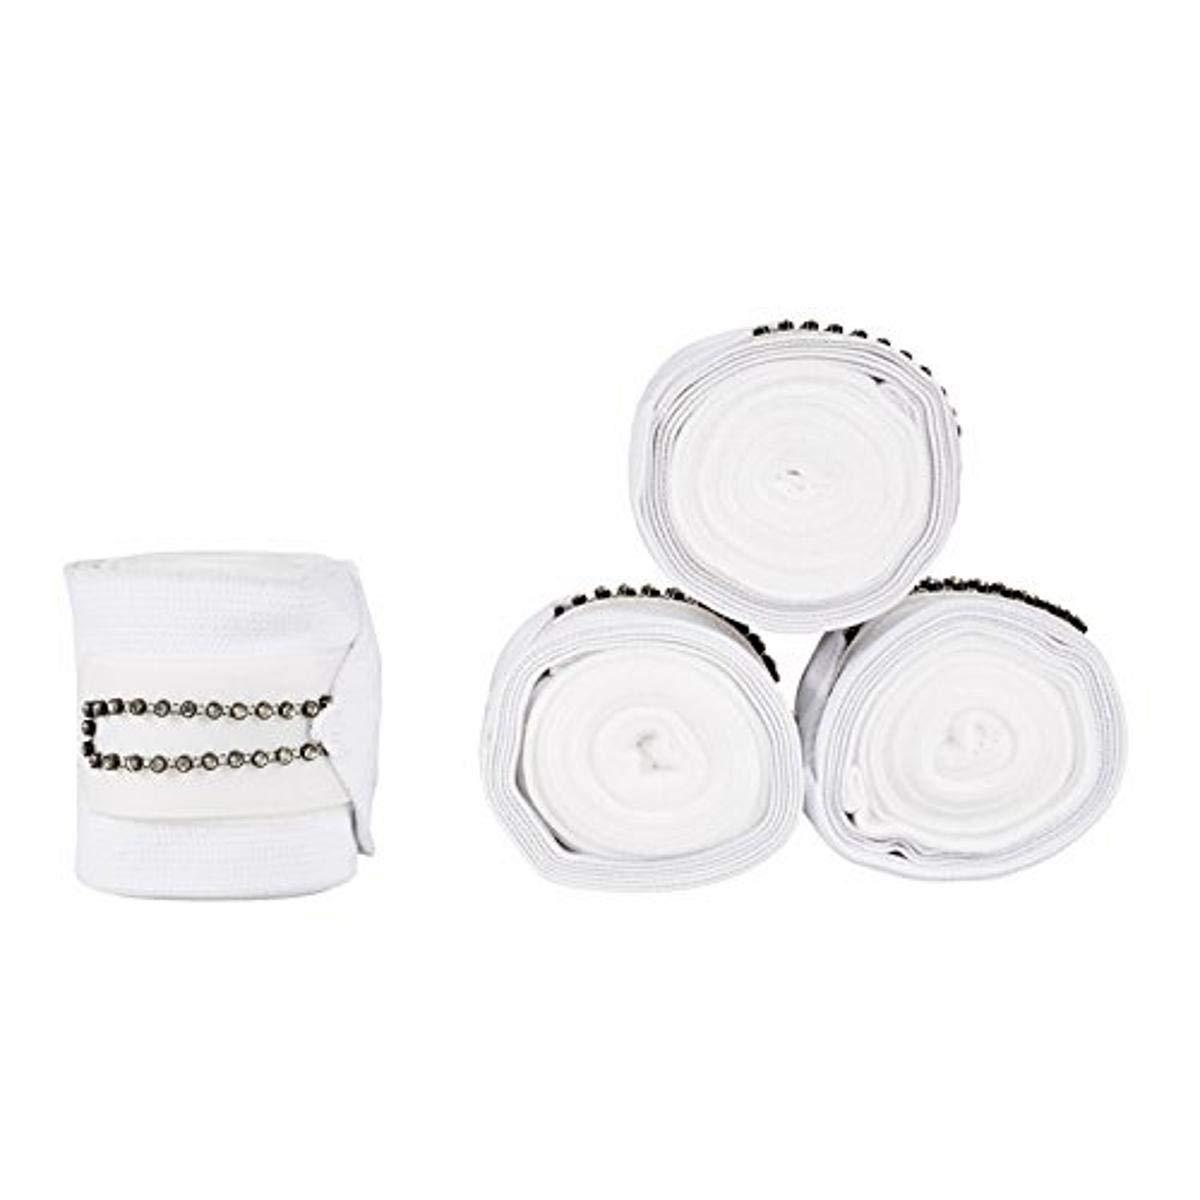 Horze Monaco Combo Bandages - White - One Size